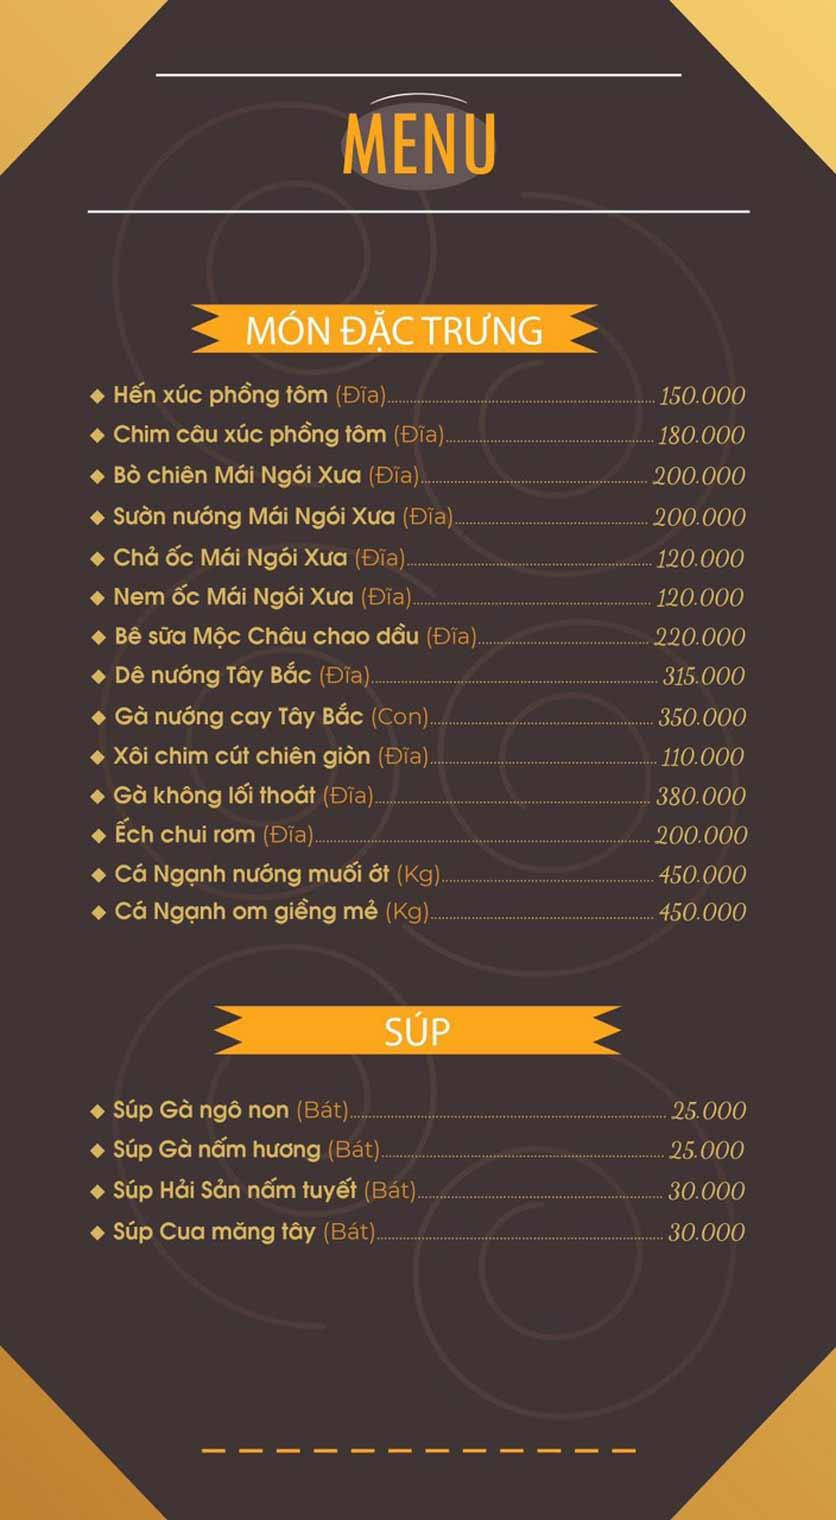 Menu Mái Ngói Xưa – Nguyễn Văn Lộc    1